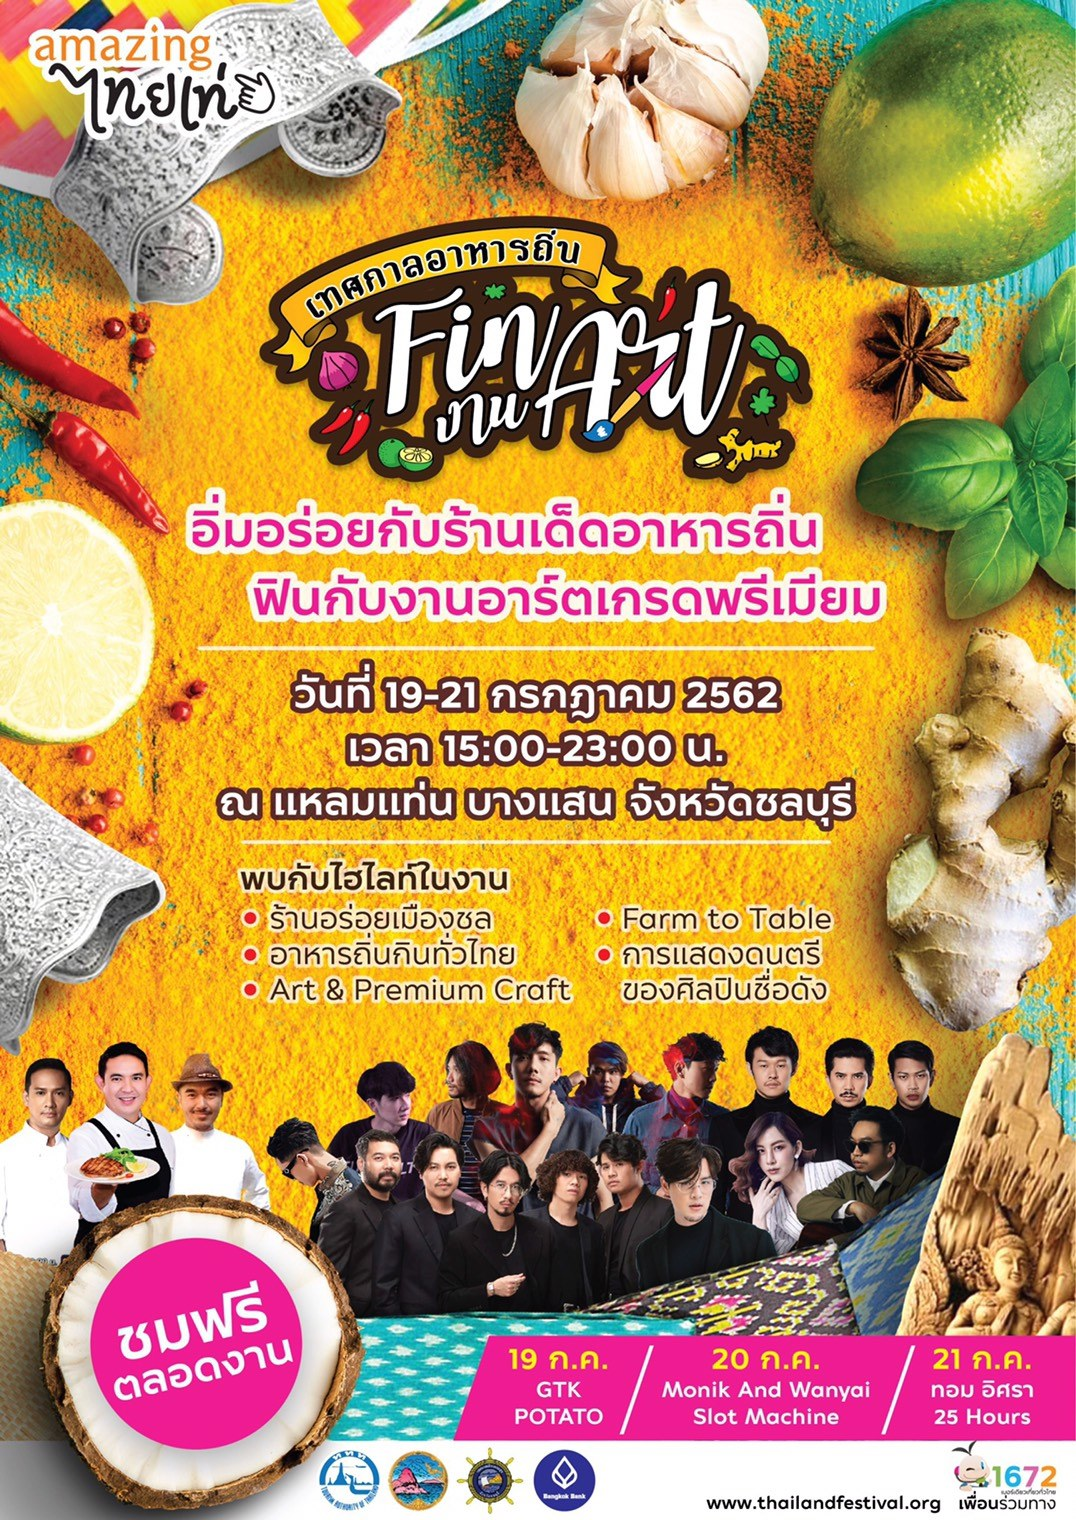 เทศกาลอาหารถิ่น FIN งาน ART วันที่ 19-22 กรกฎาคม 2562 ณ บริเวณแหลมแท่น บางแสน จังหวัดชลบุรี